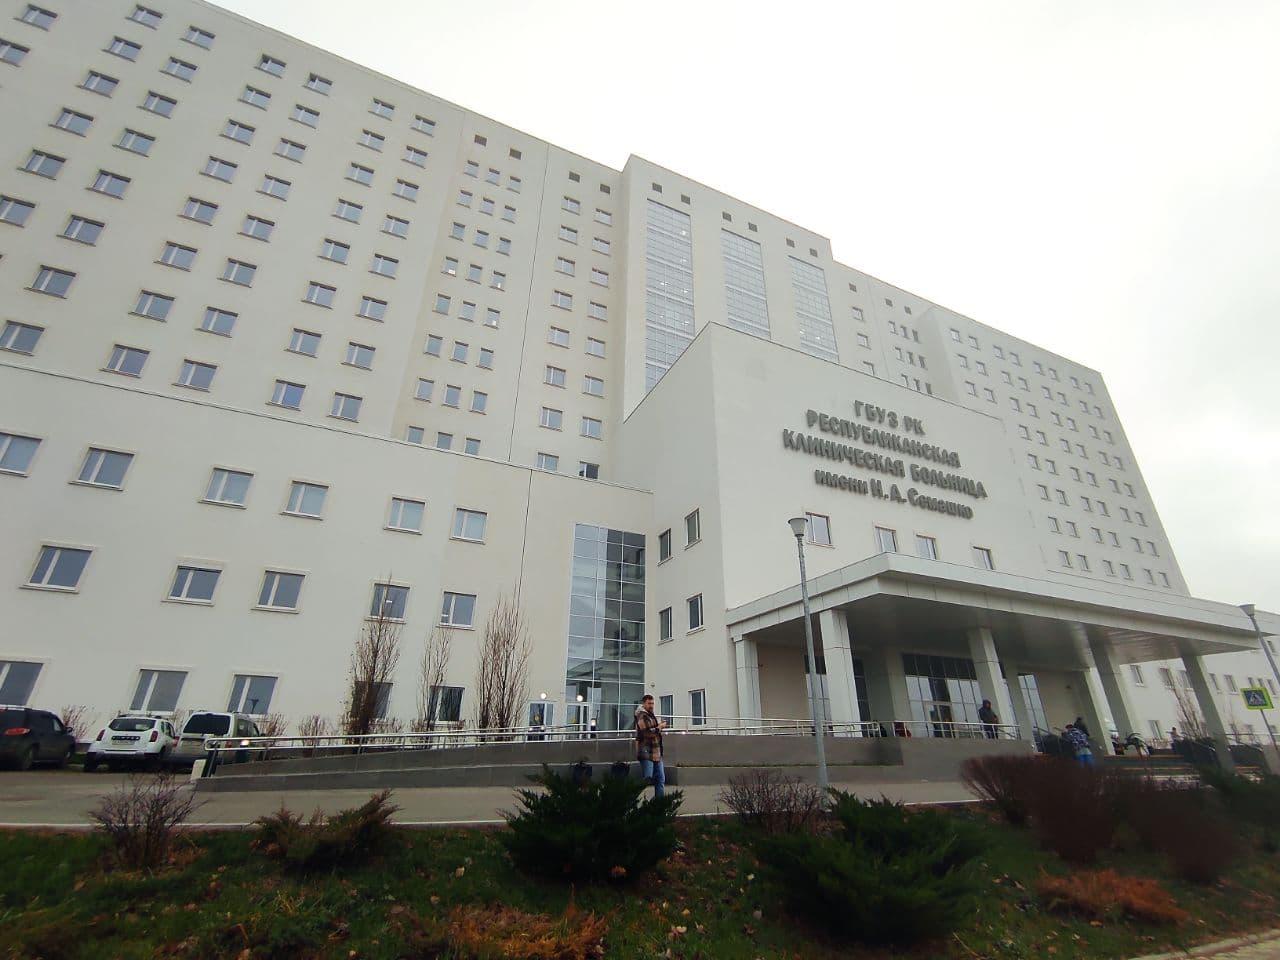 В Симферополе изменились автобусные маршруты: как добраться до нового медцентра им. Семашко